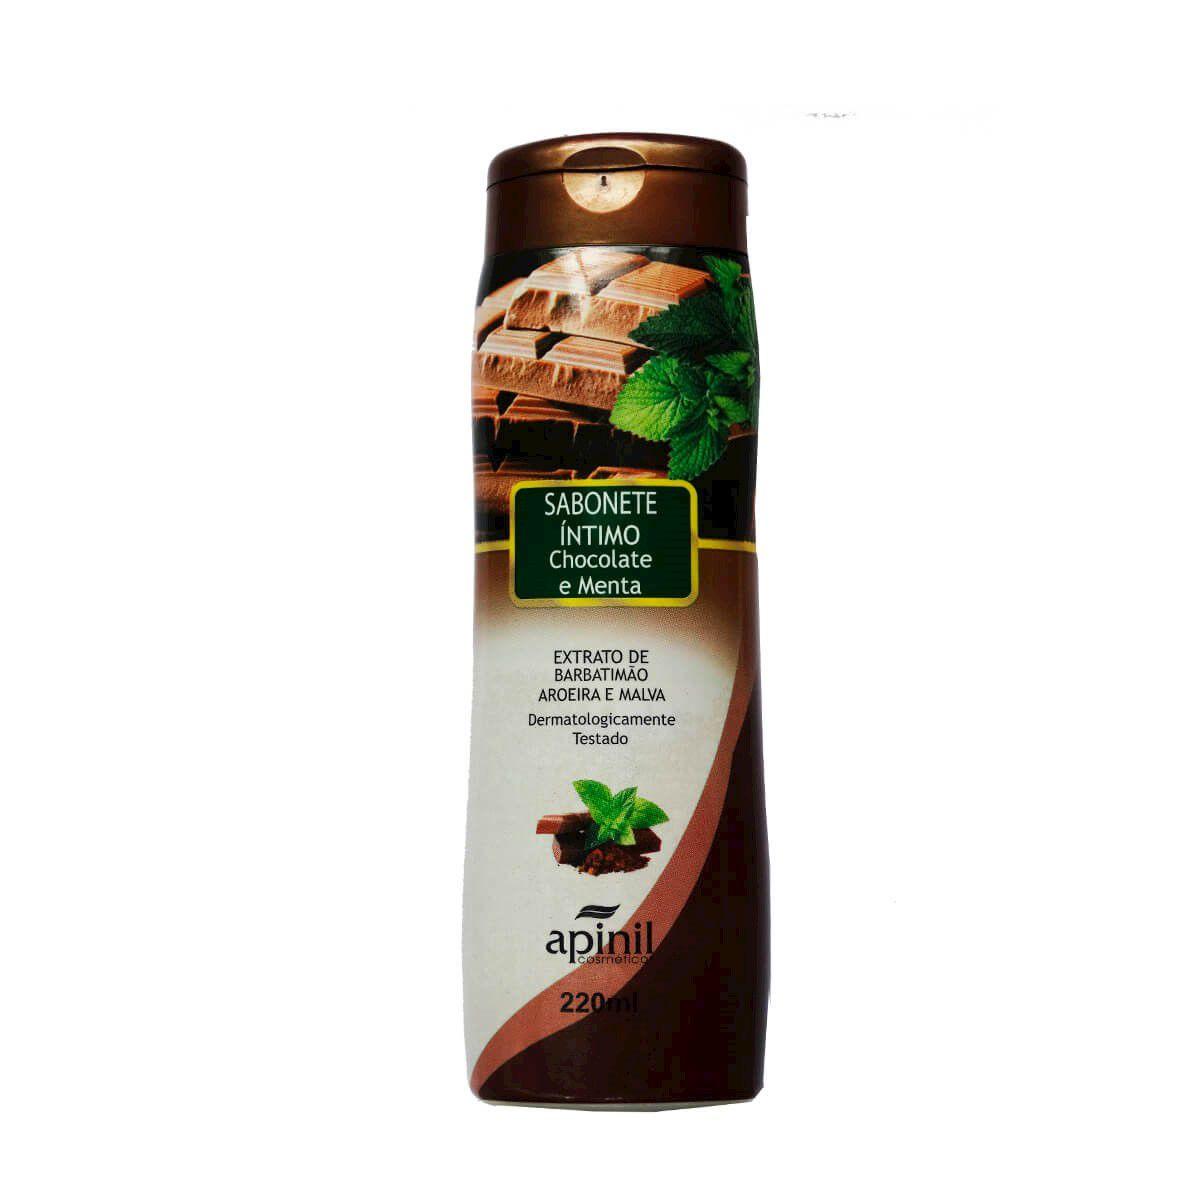 Sabonete íntimo aroma de chocolate e menta 220ml